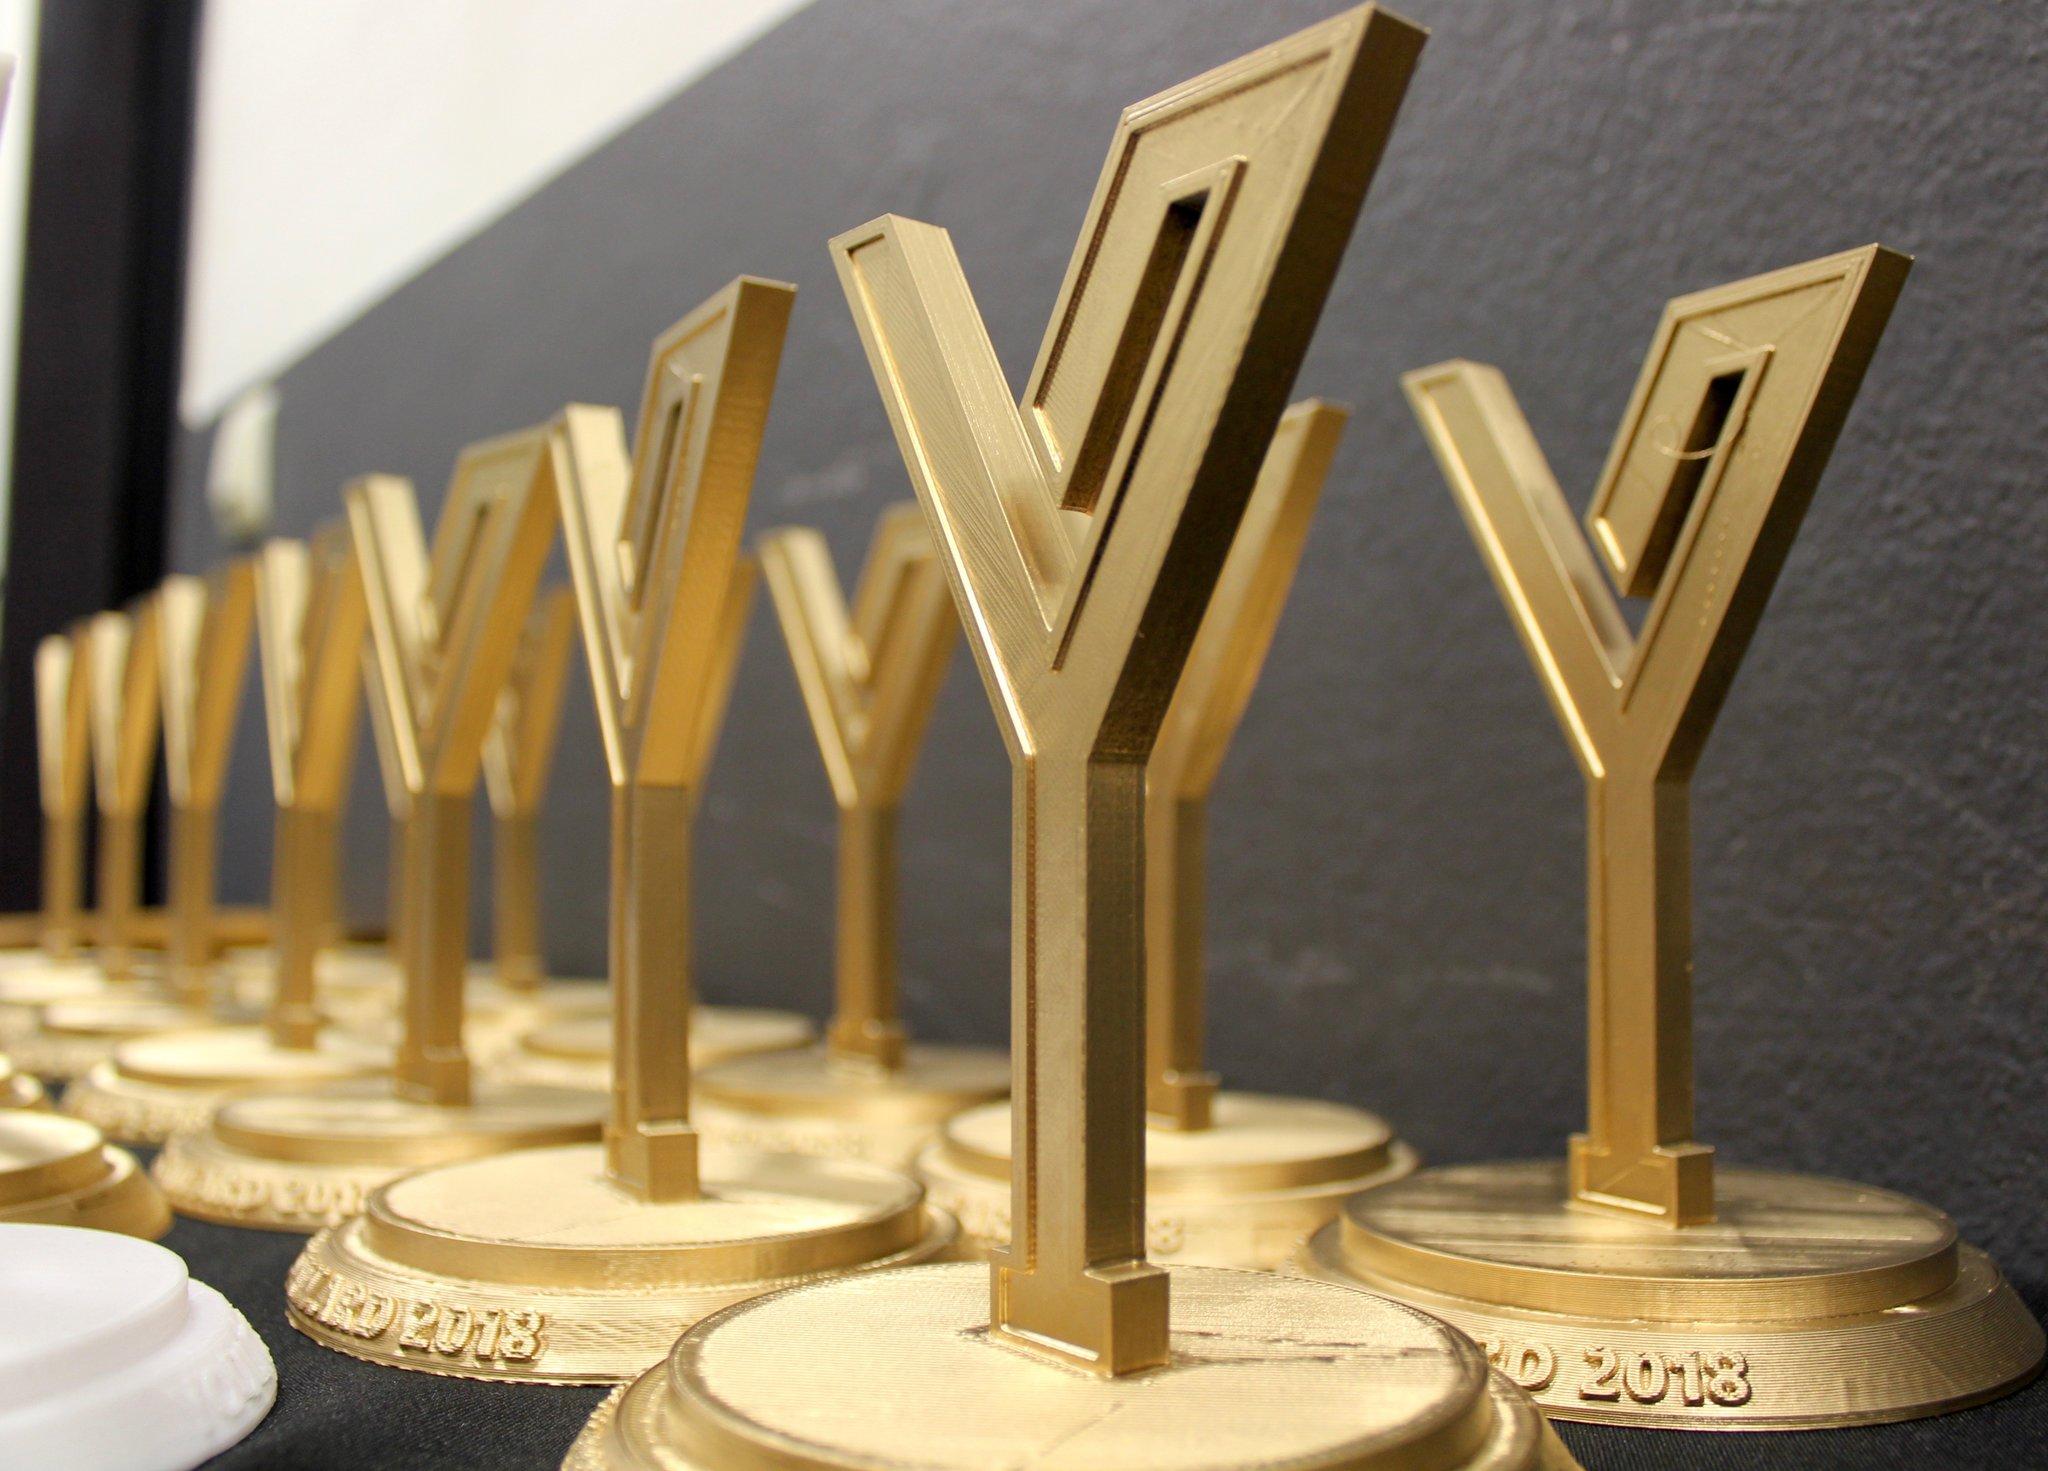 Youlius-Award für Youtuber in Essen in der Zeche Carl: Youlius-Award für Youtuber in Essen in der Zeche Carl am 26.1.19